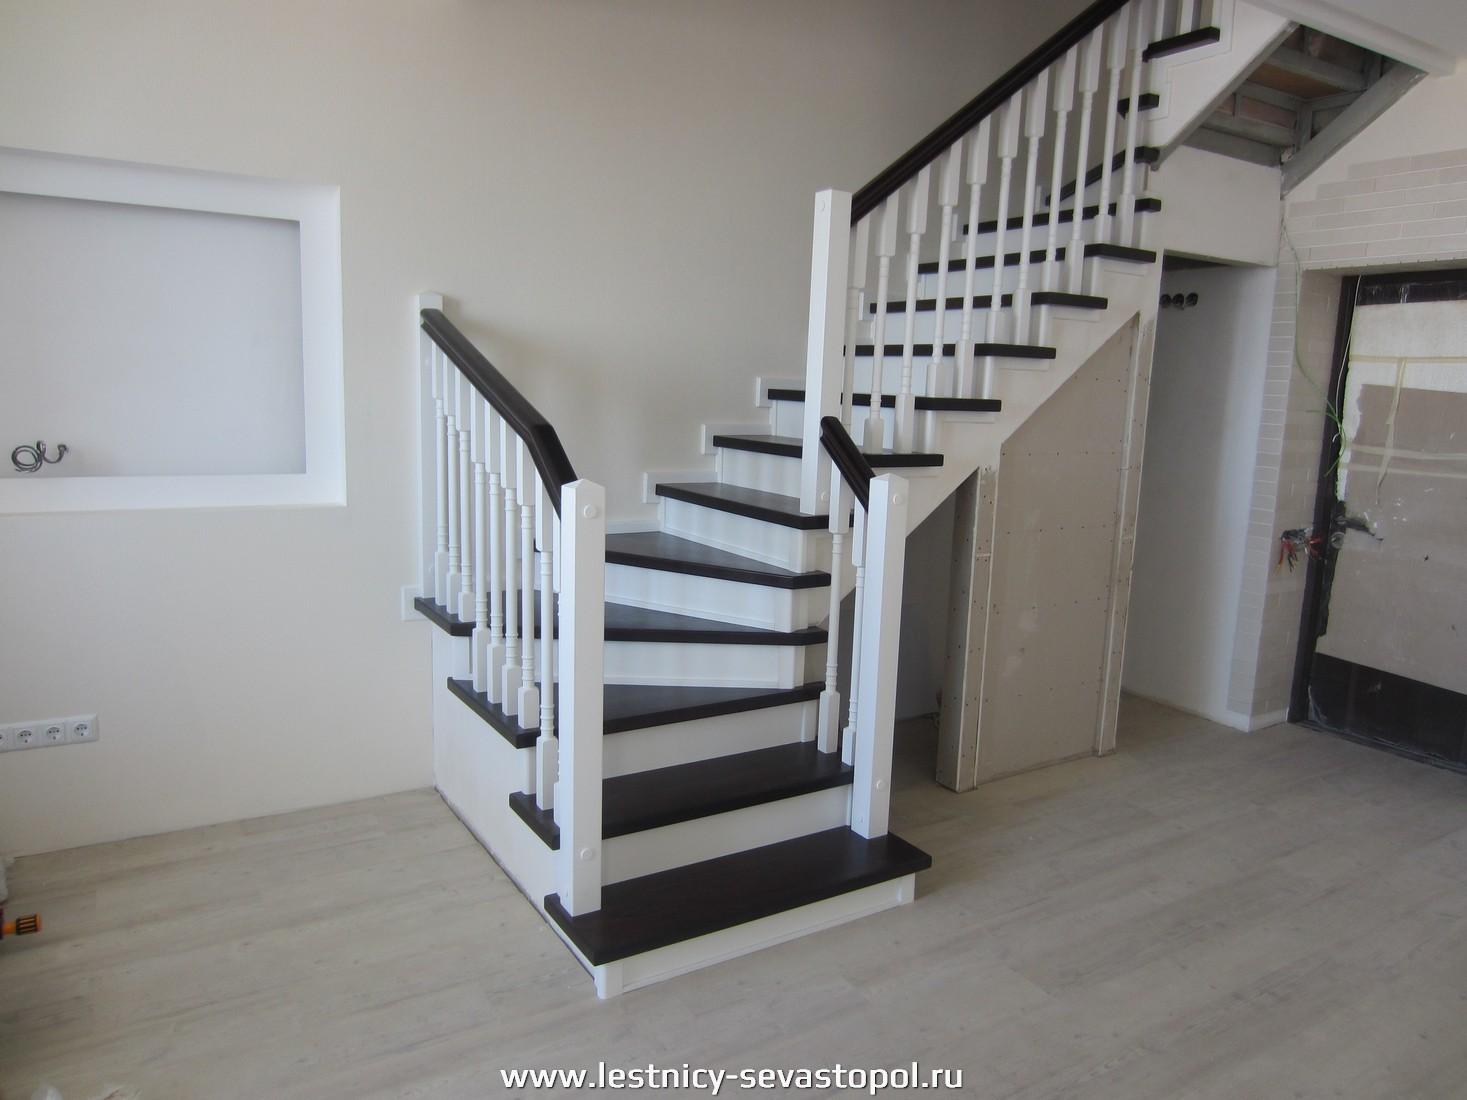 Каркас лестницы